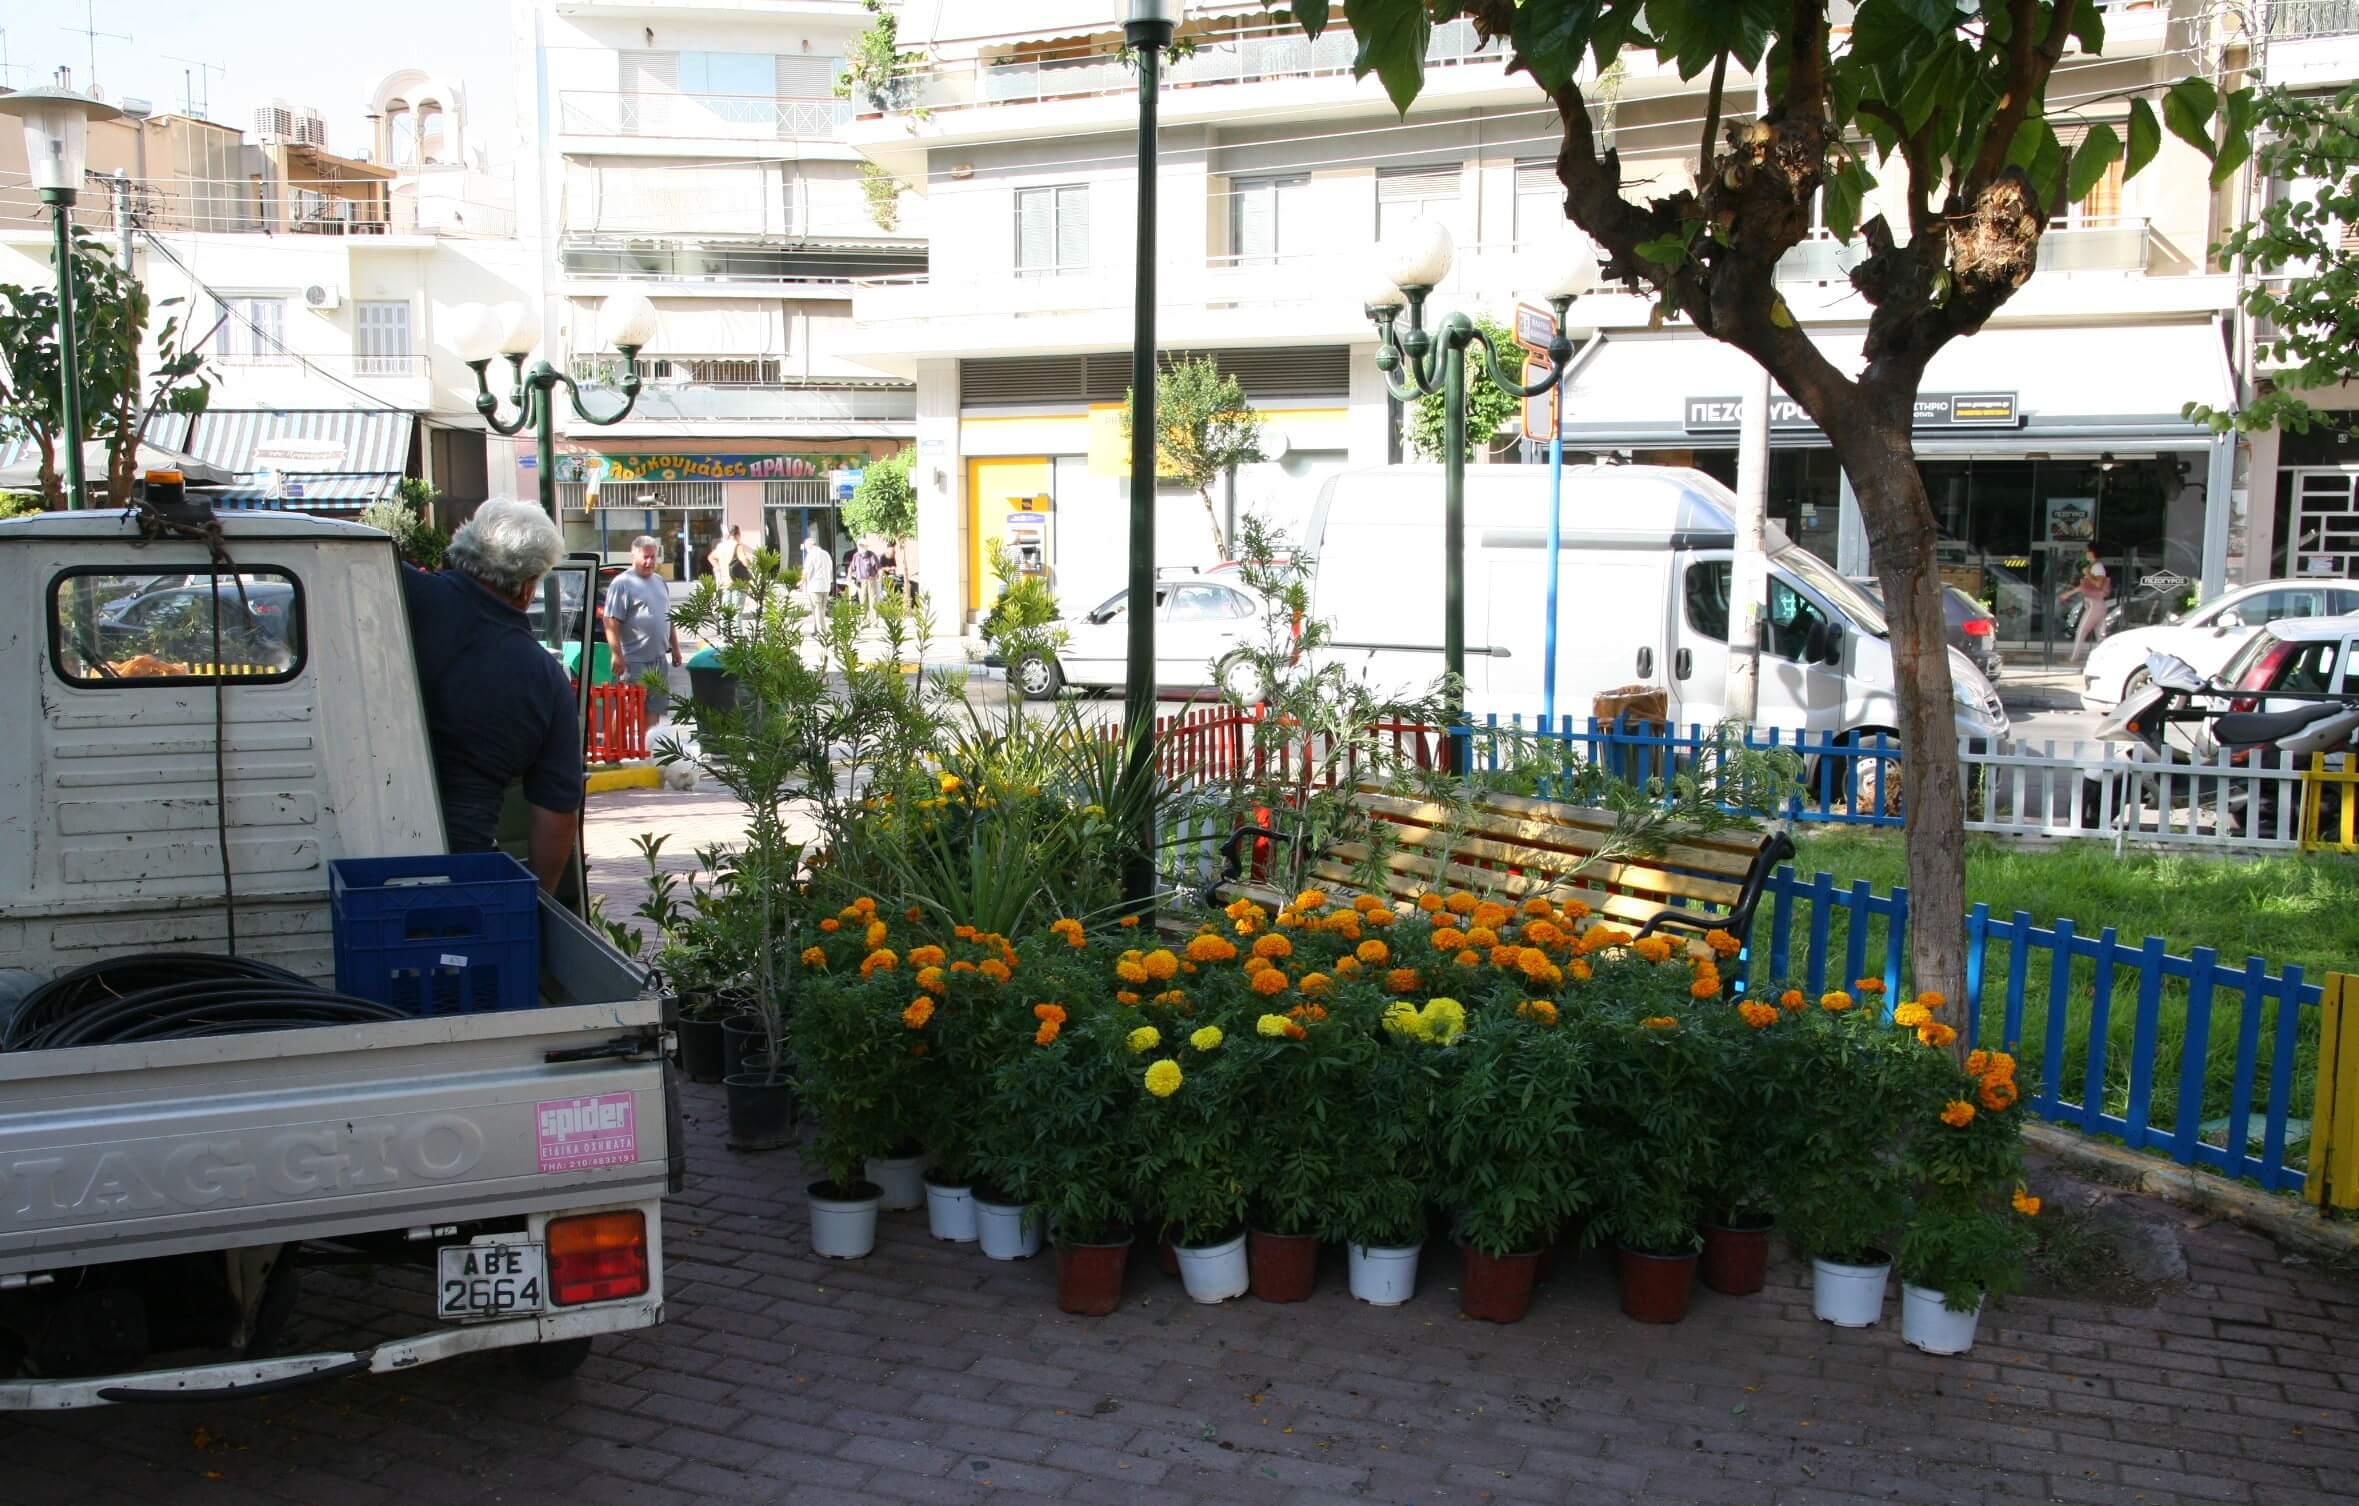 Συνεχίζονται στον Πειραιά οι παρεμβάσεις ανάπλασης πρασίνου και εξωραϊσμού σε κήπους